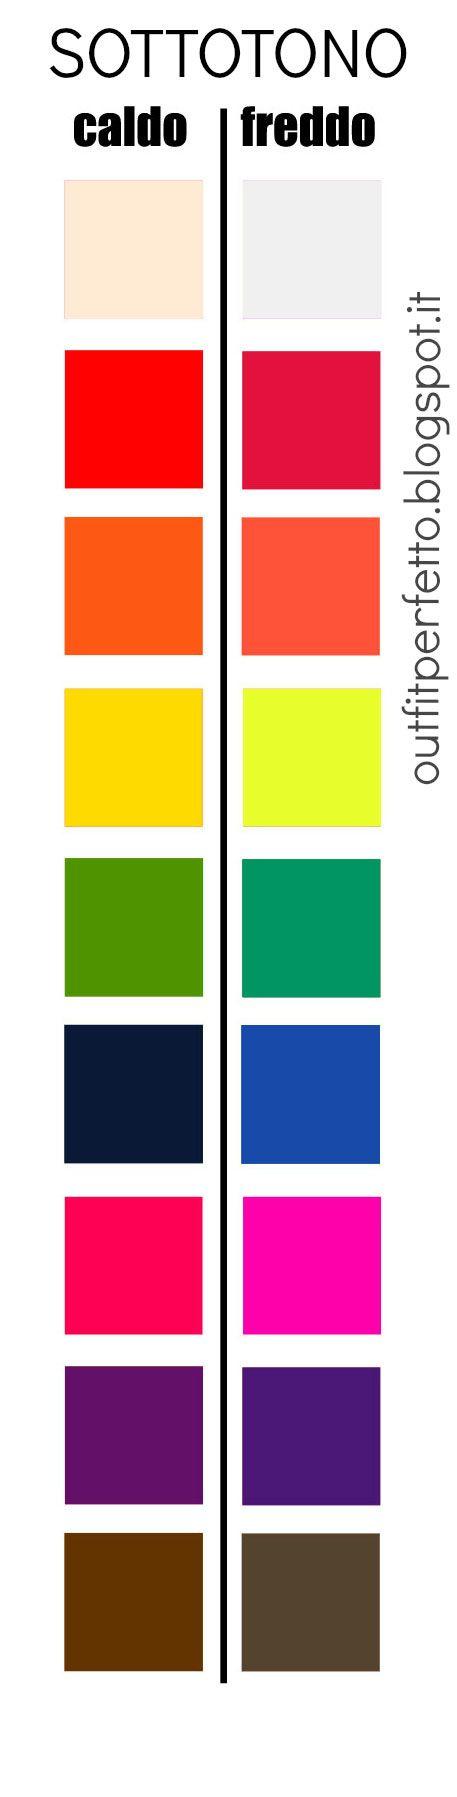 Come scegliere i colori giusti per il nostro sottotono di pelle? Trovando le sfumature, fredde o calde, di ogni colore!